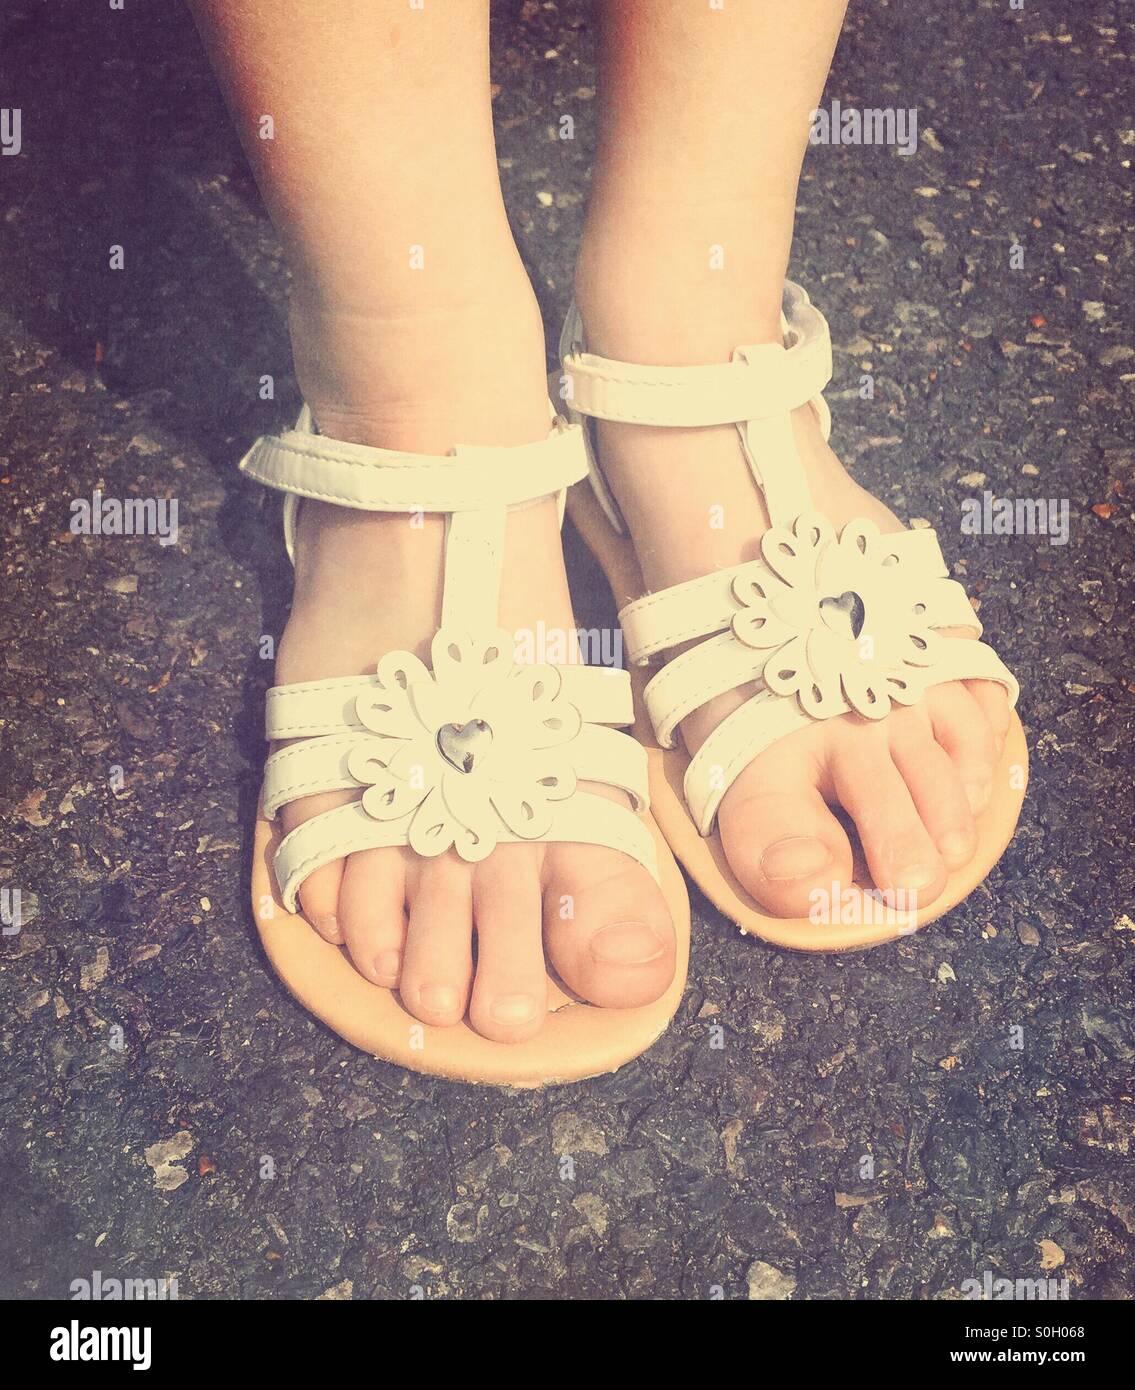 c0bd1f2d17039 Girls Feet In Sandals Stock Photos   Girls Feet In Sandals Stock ...